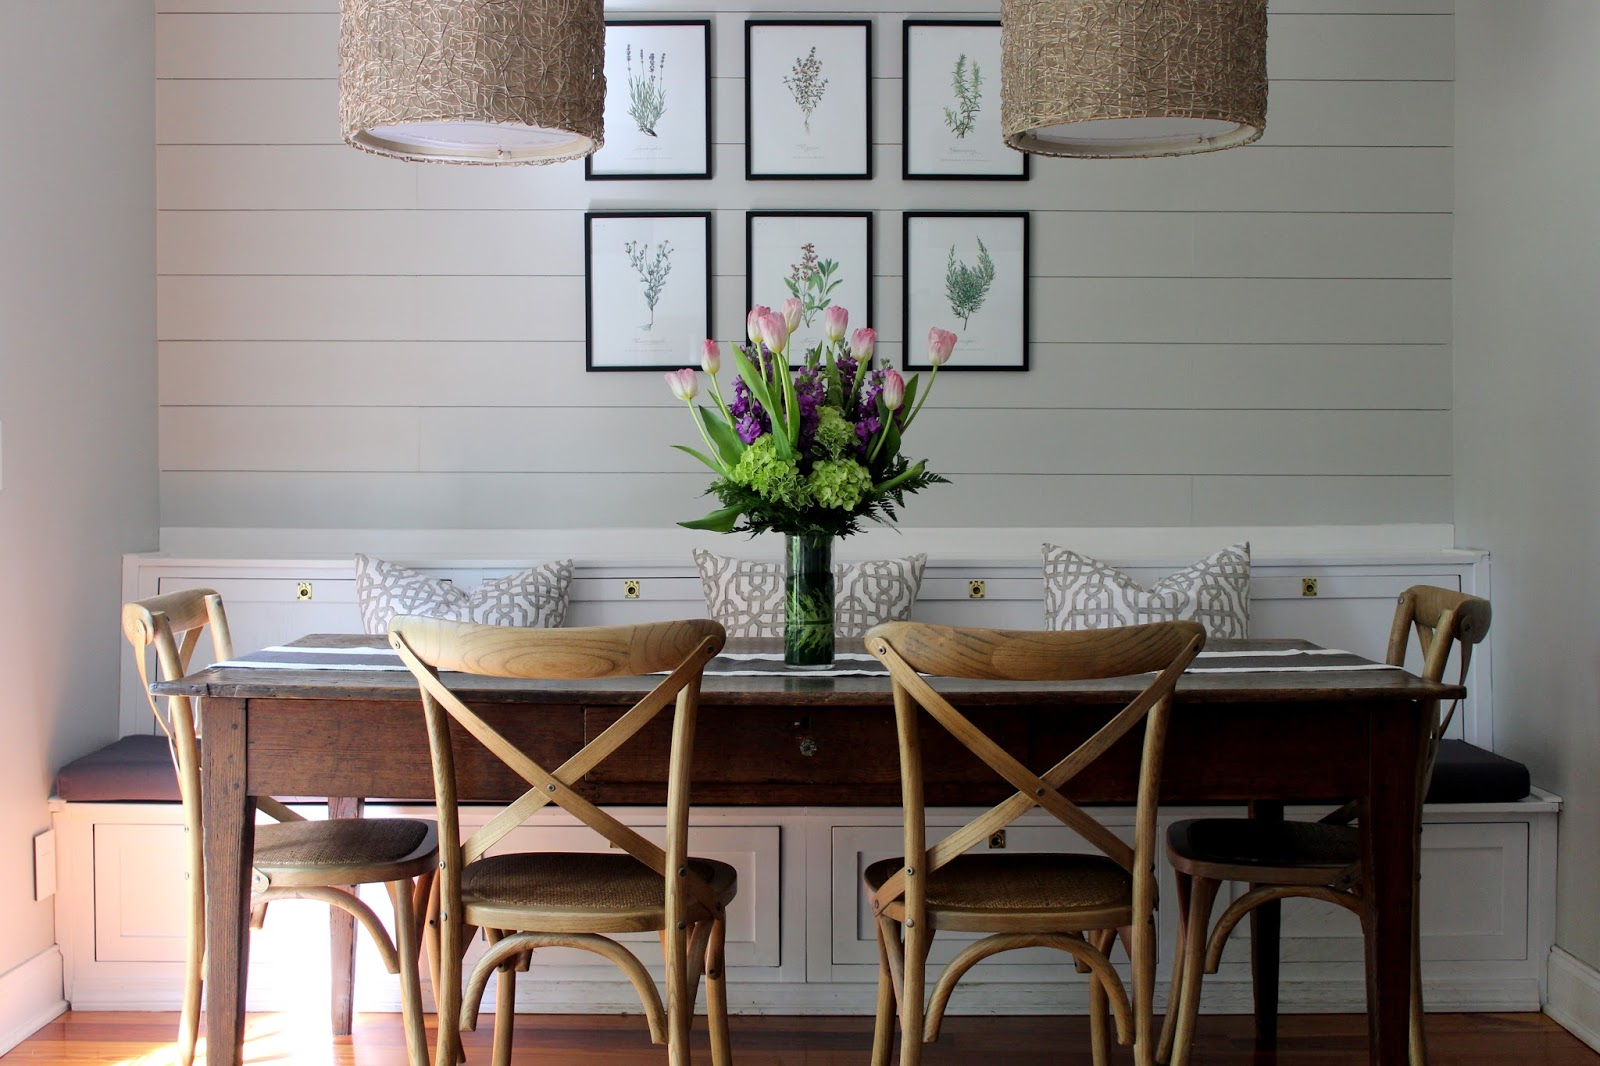 10-ways-to-remodel-your-kitchen-under-200010